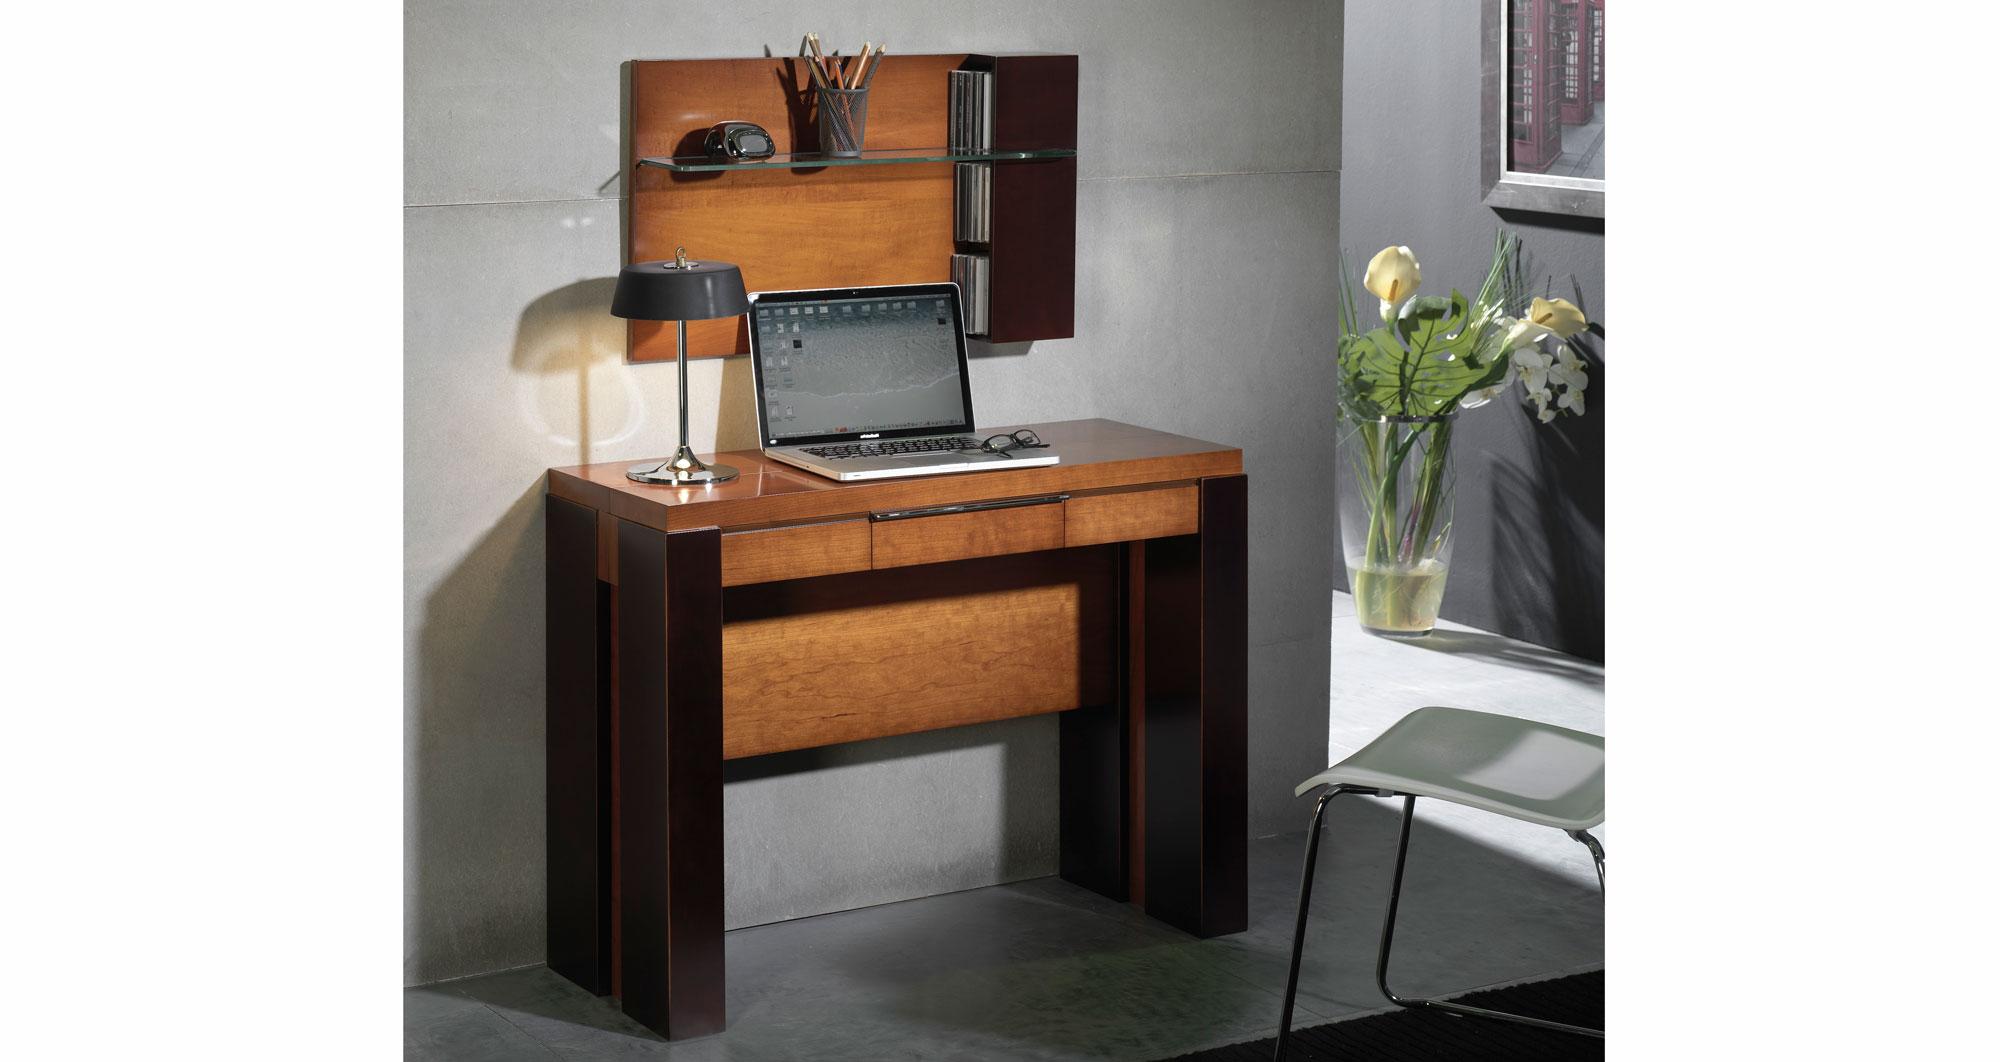 Consola mesa de comedor extensible moderna watson en cosas for Mesa consola extensible ikea